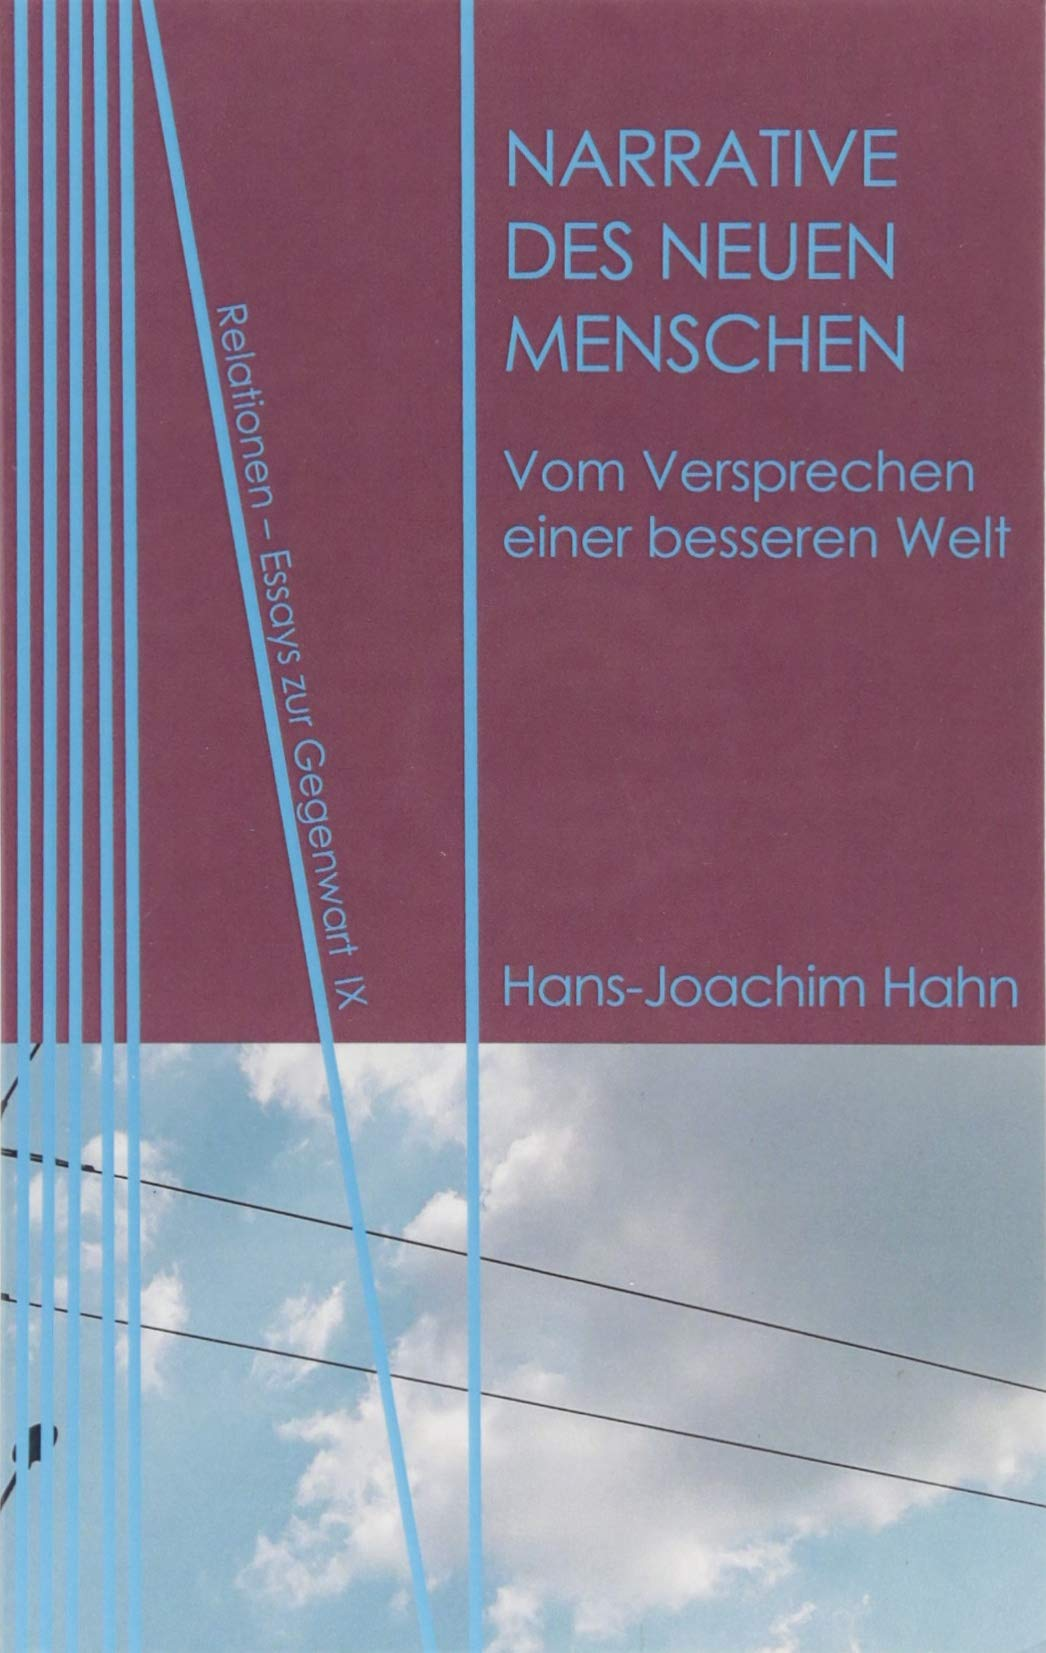 Narrative des Neuen Menschen: Vom Versprechen einer besseren Welt (Relationen) Taschenbuch – 25. Juni 2018 Hans-Joachim Hahn Neofelis 3958081509 Aufstand / Revolution